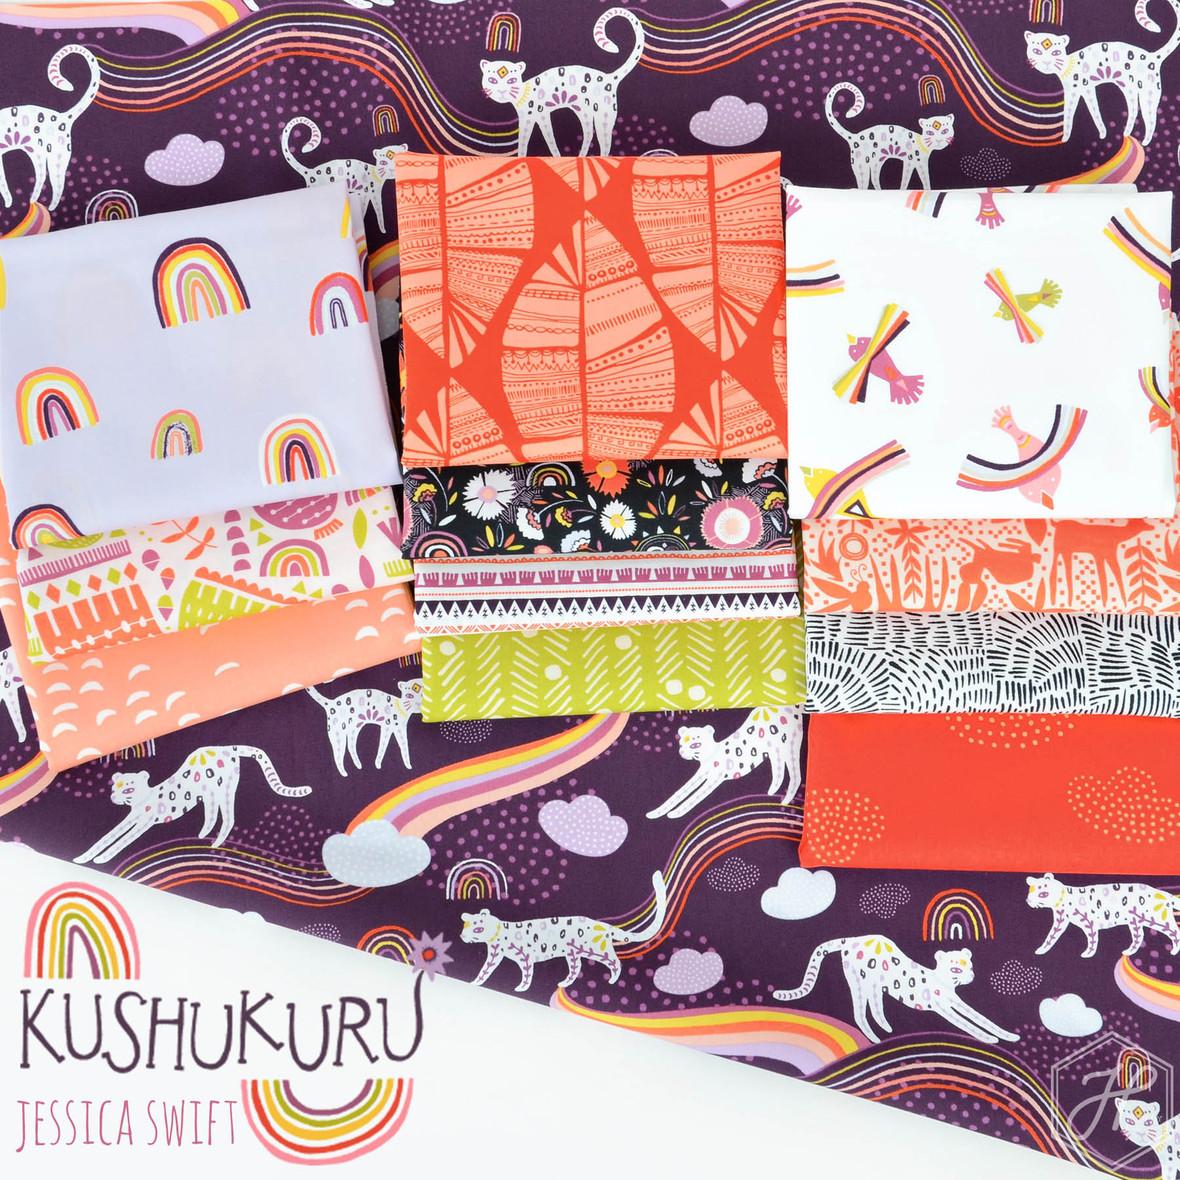 Kushukuru Fabric Jessica Swift for Art Gallery at Hawthorne Supply Co